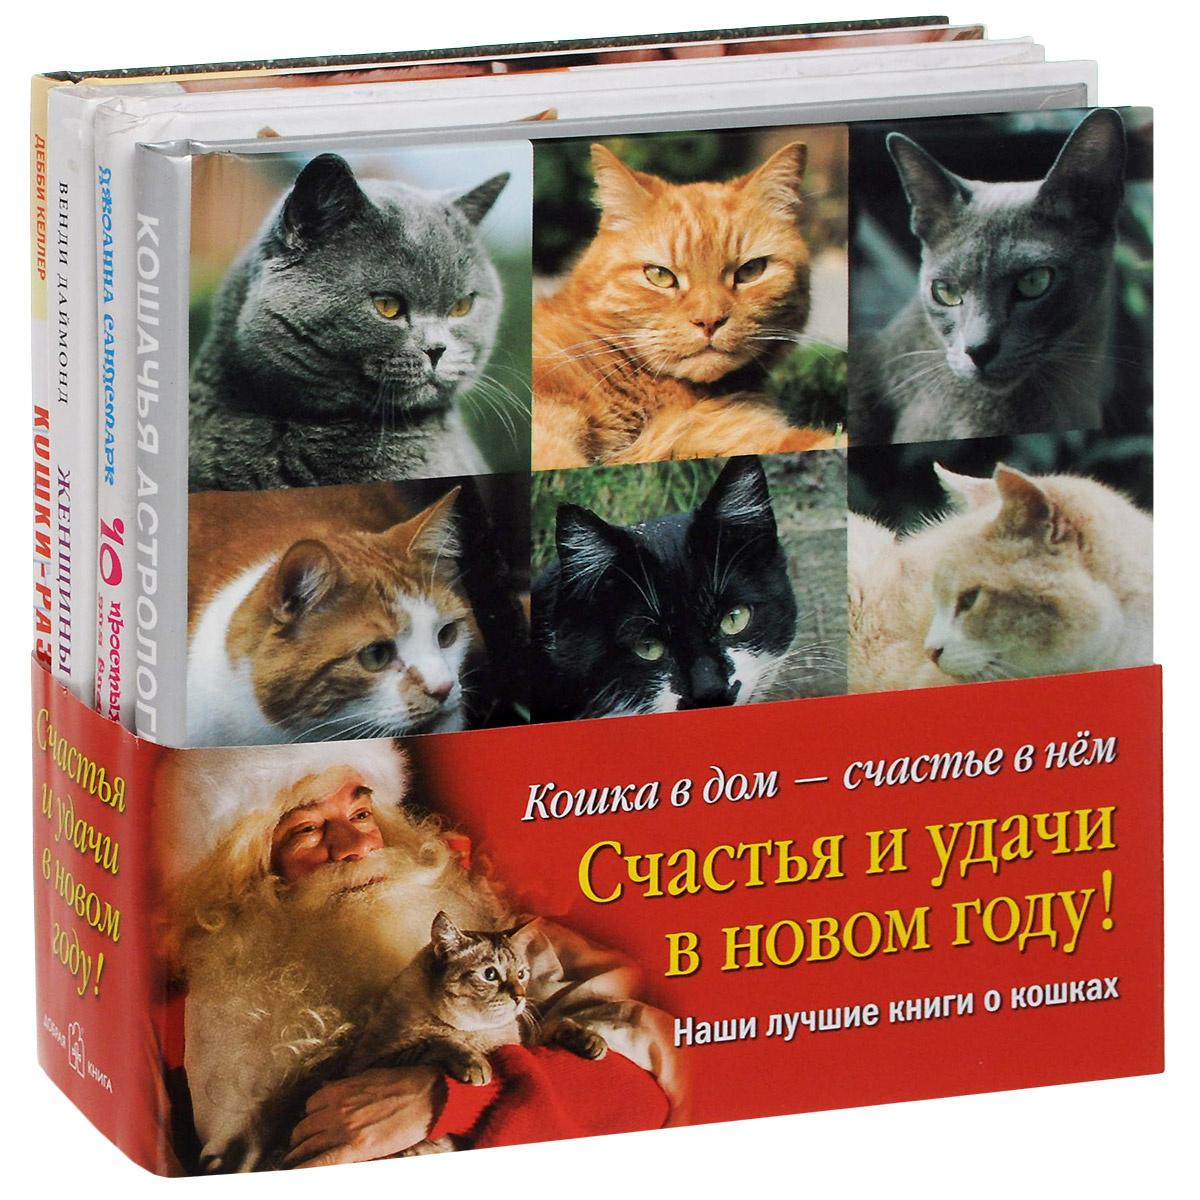 Кошка в дом - счастье в нем (комплект из 4 книг) | Келлер Дэбби, Джейвор Кэт  #1